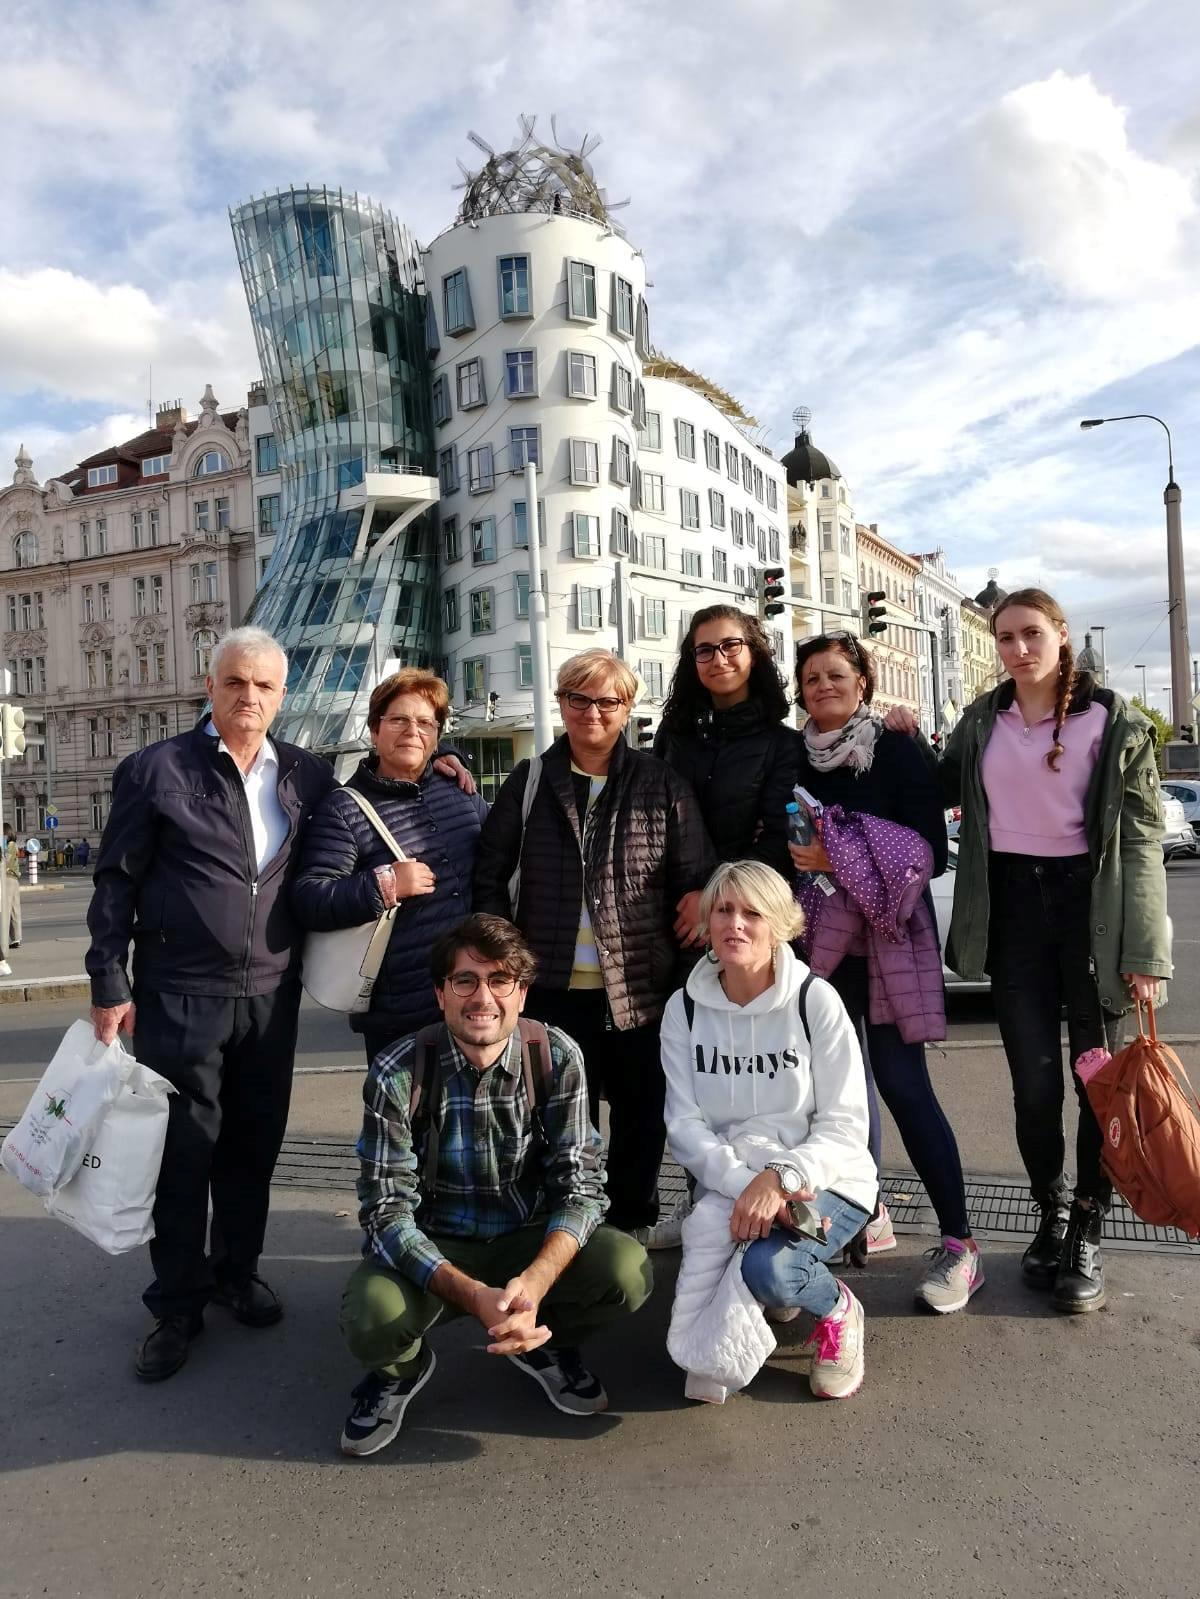 prague-new-town-free-walking-tour-8